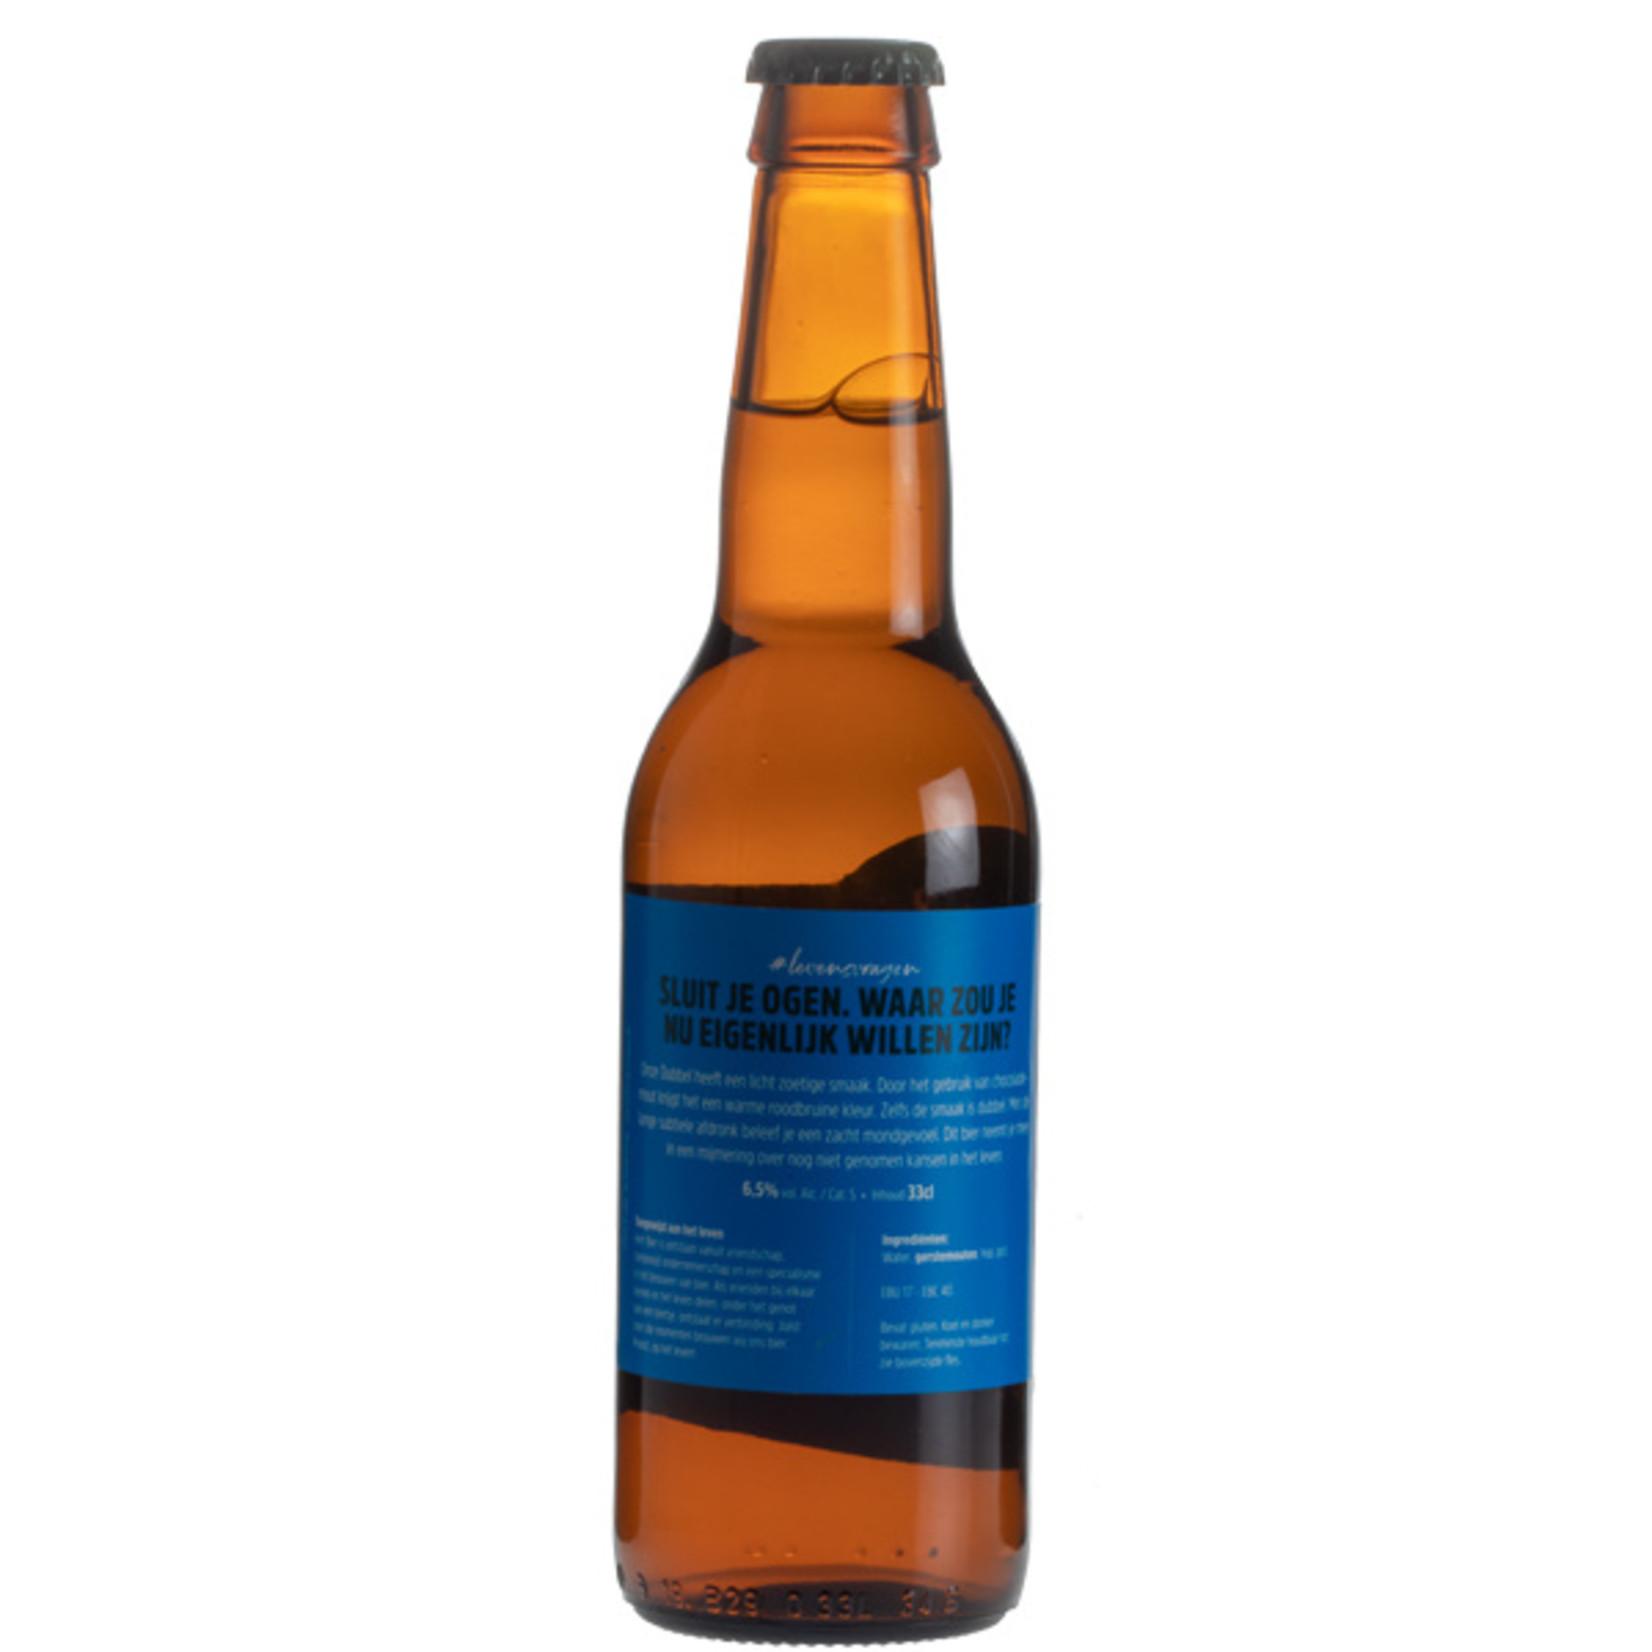 Hert Bier Dubbel Leven - 6,5%